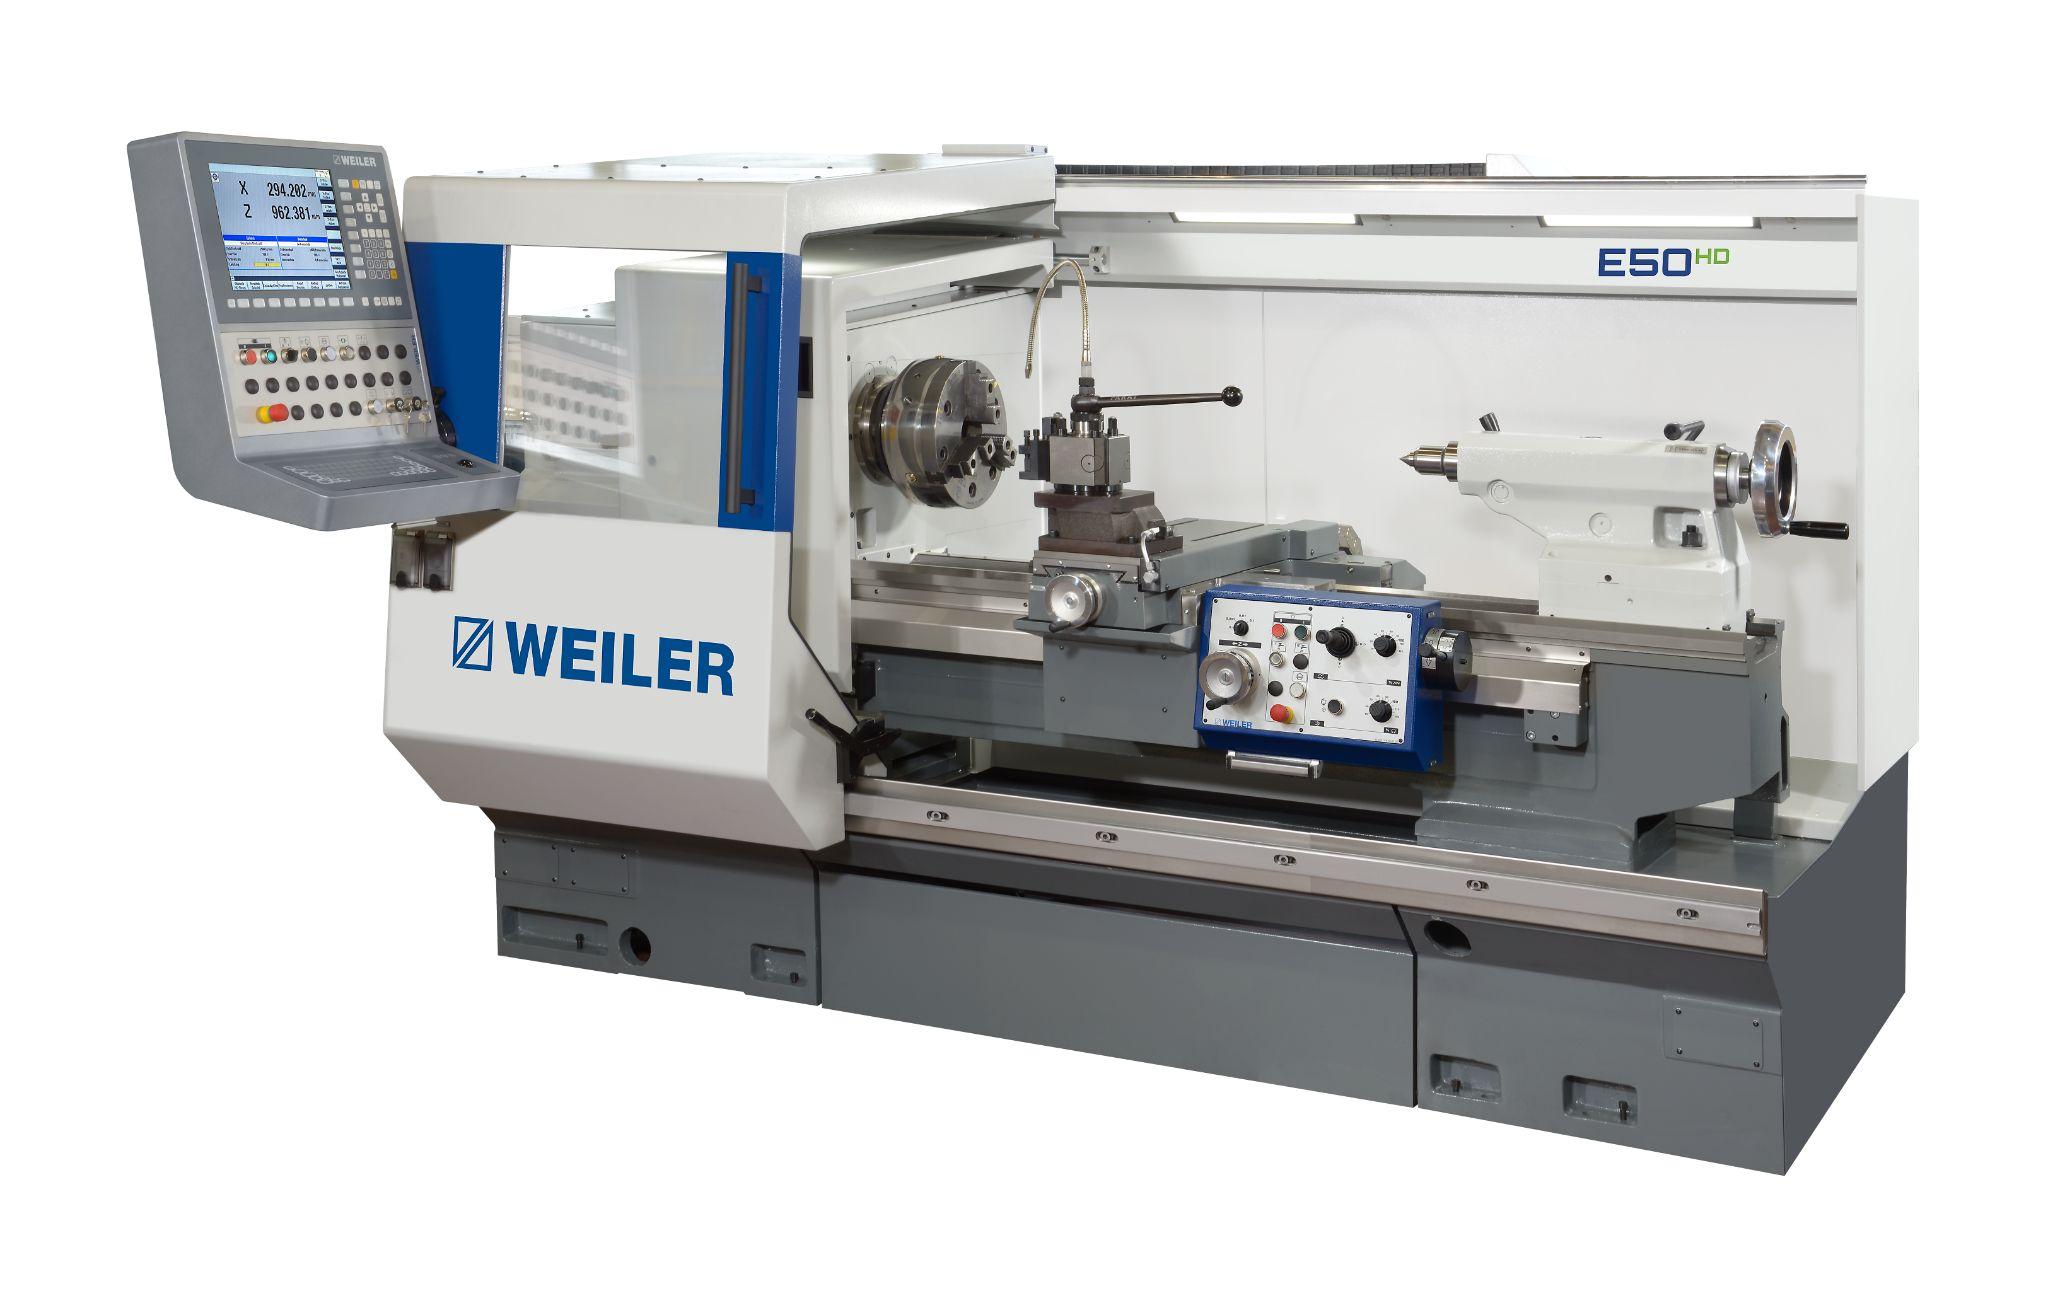 WEILER E50 HD Image